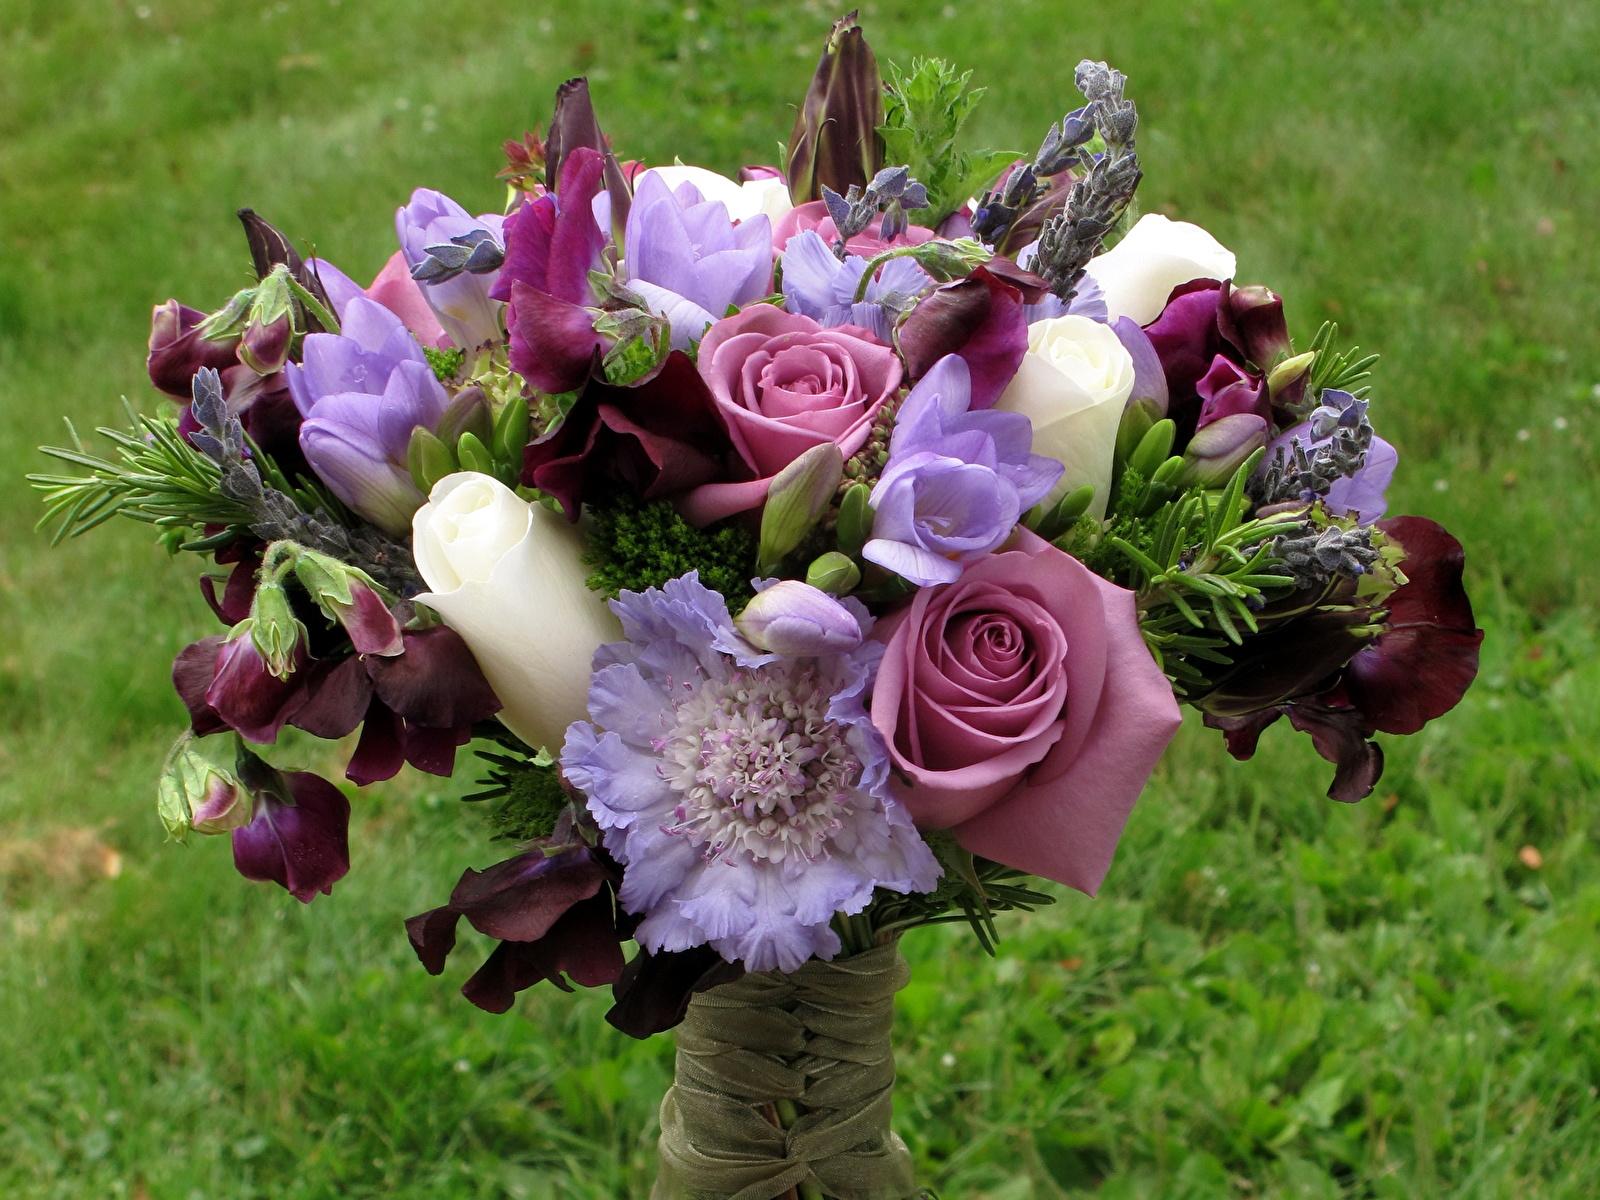 Фото букета цветов картинки